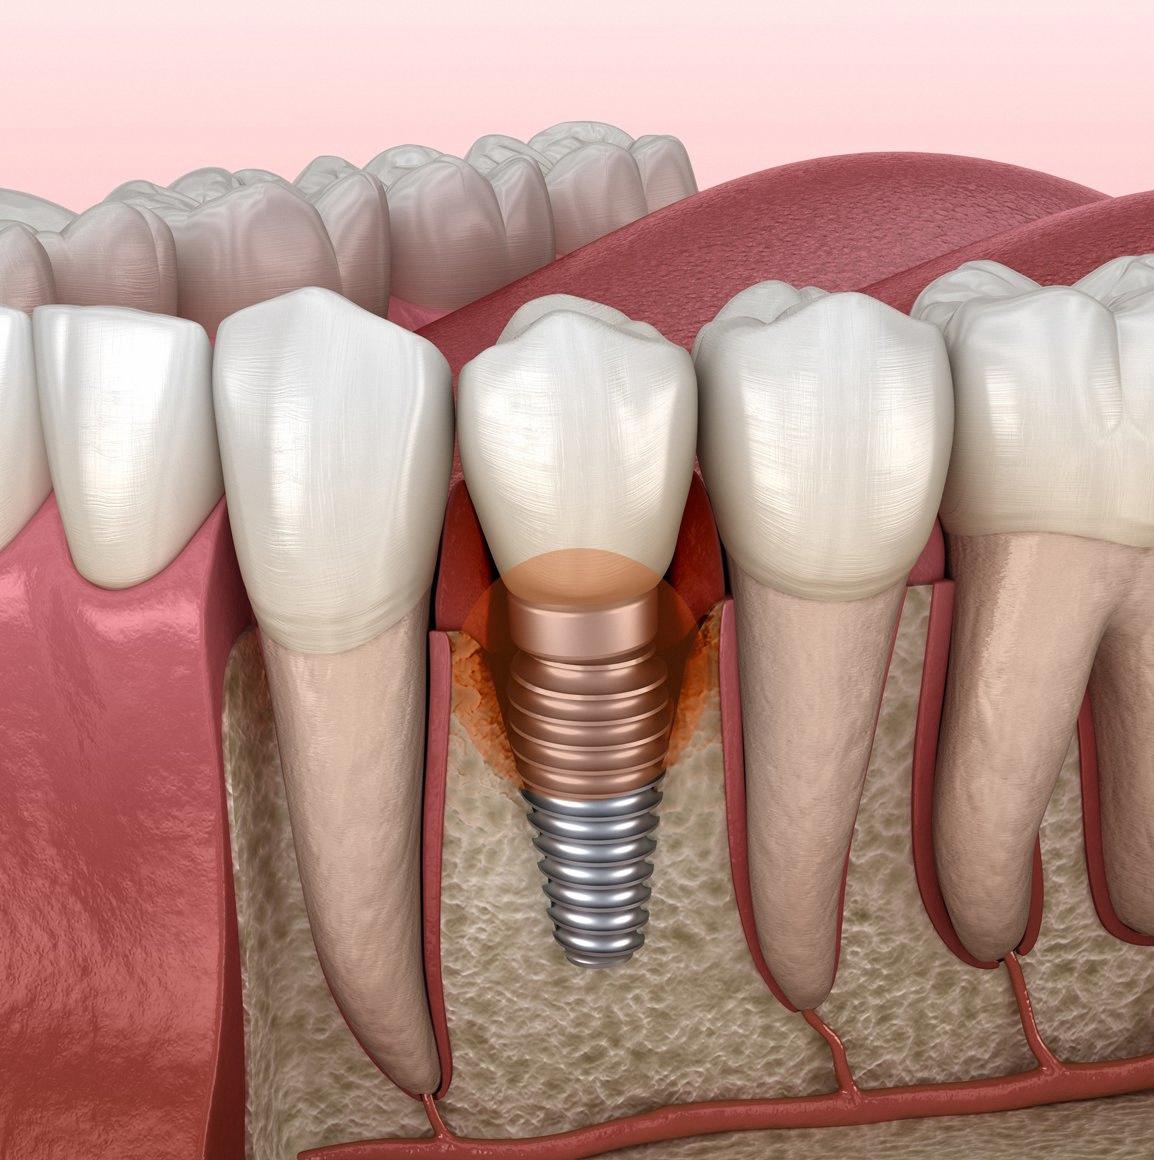 植牙;人工植牙;种植牙;种牙;无痛植牙;3D植牙